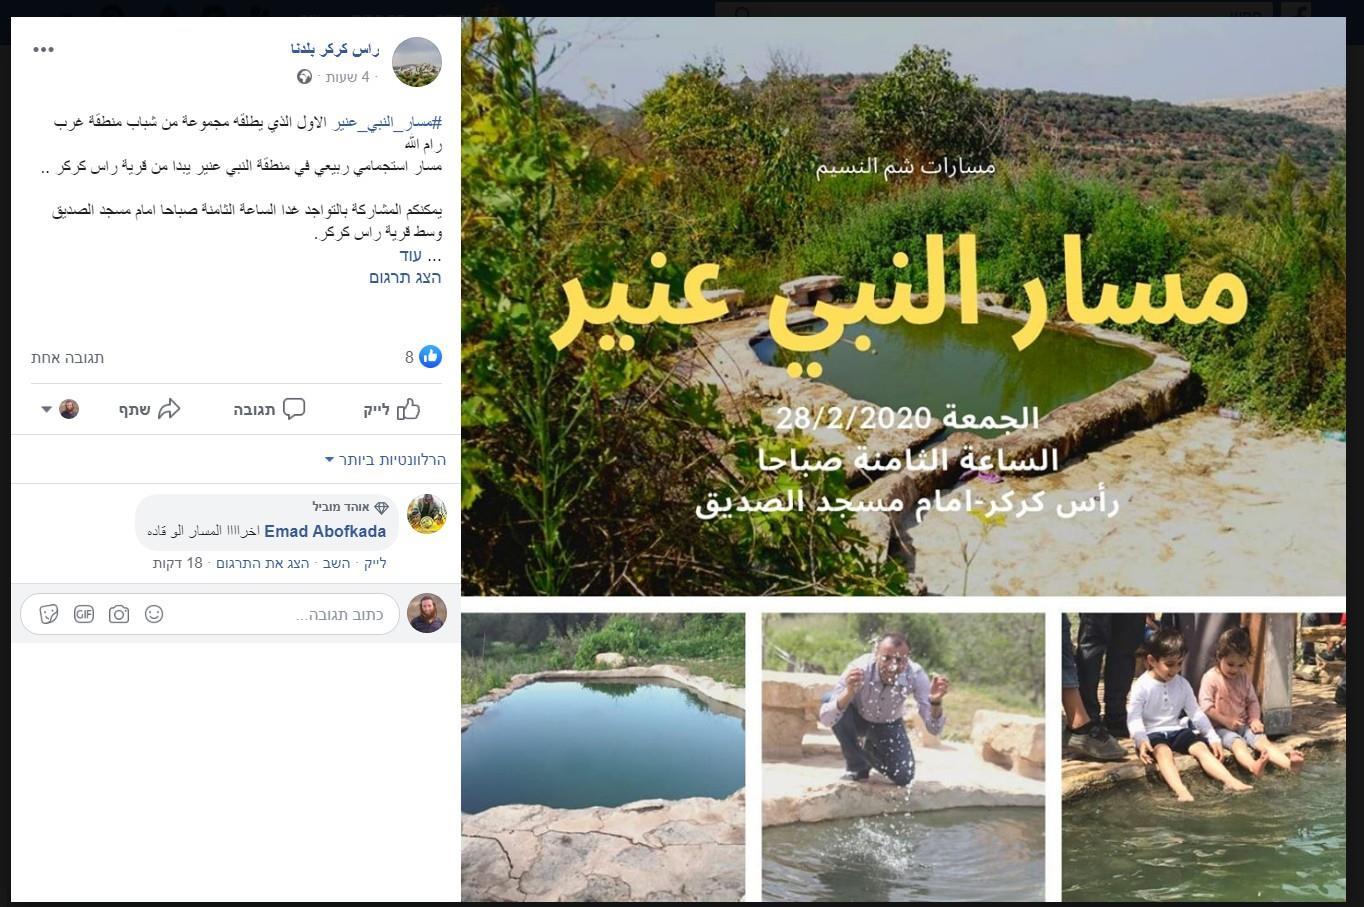 צילום מסך מתוך דף הפייסבוק של הכפר ראס כרכר